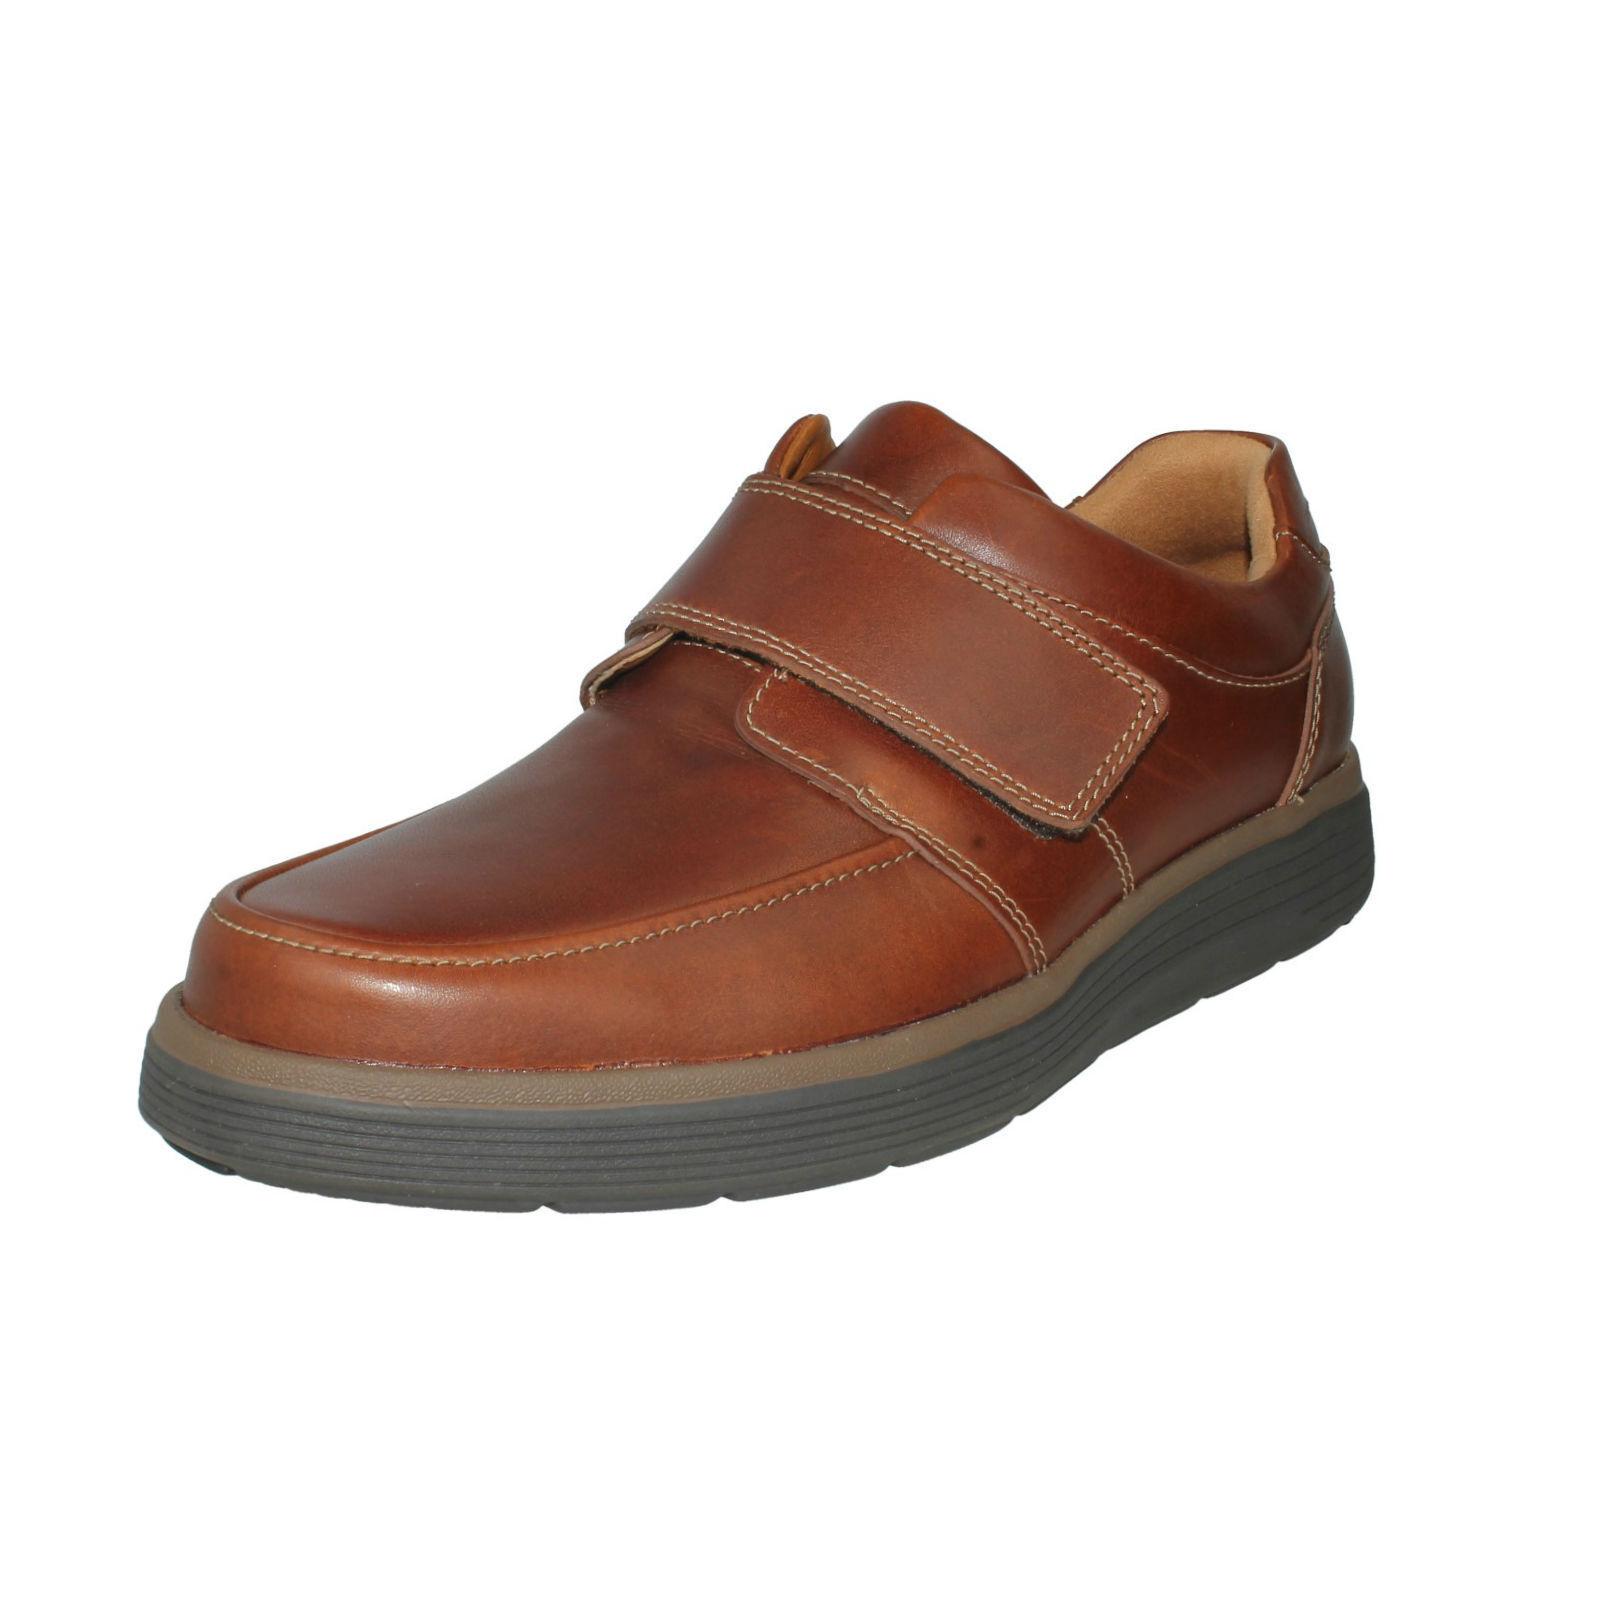 clarks cuir riptape non structurées souliers taille onu sangle demeure sangle onu sangle 71749b